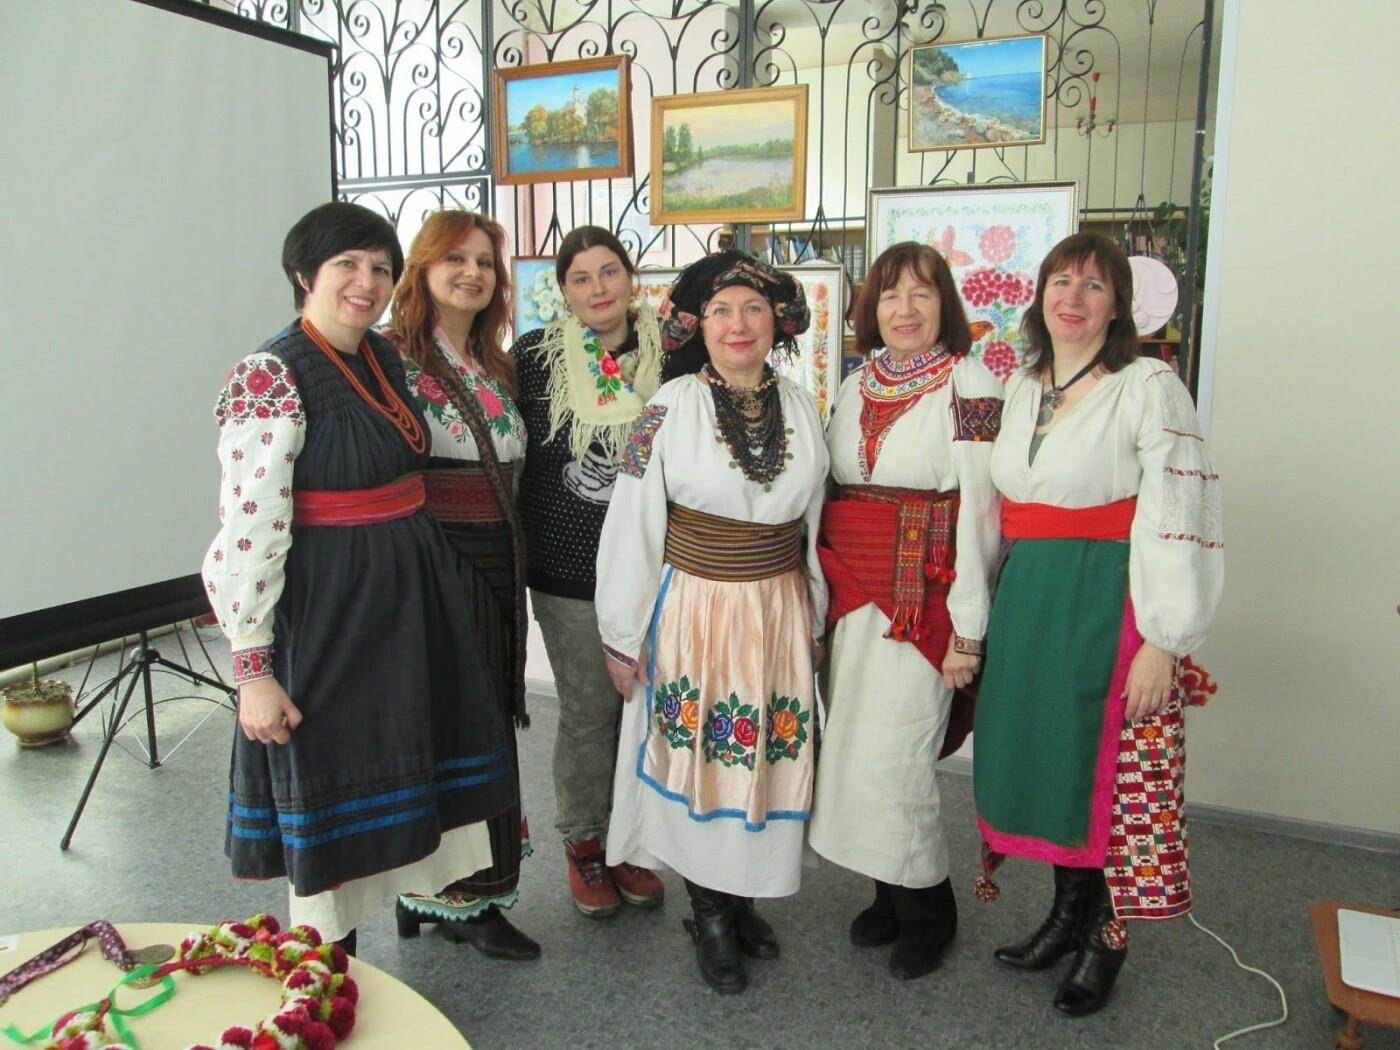 В библиотеке Каменского показали коллекцию украинских костюмов, фото-2